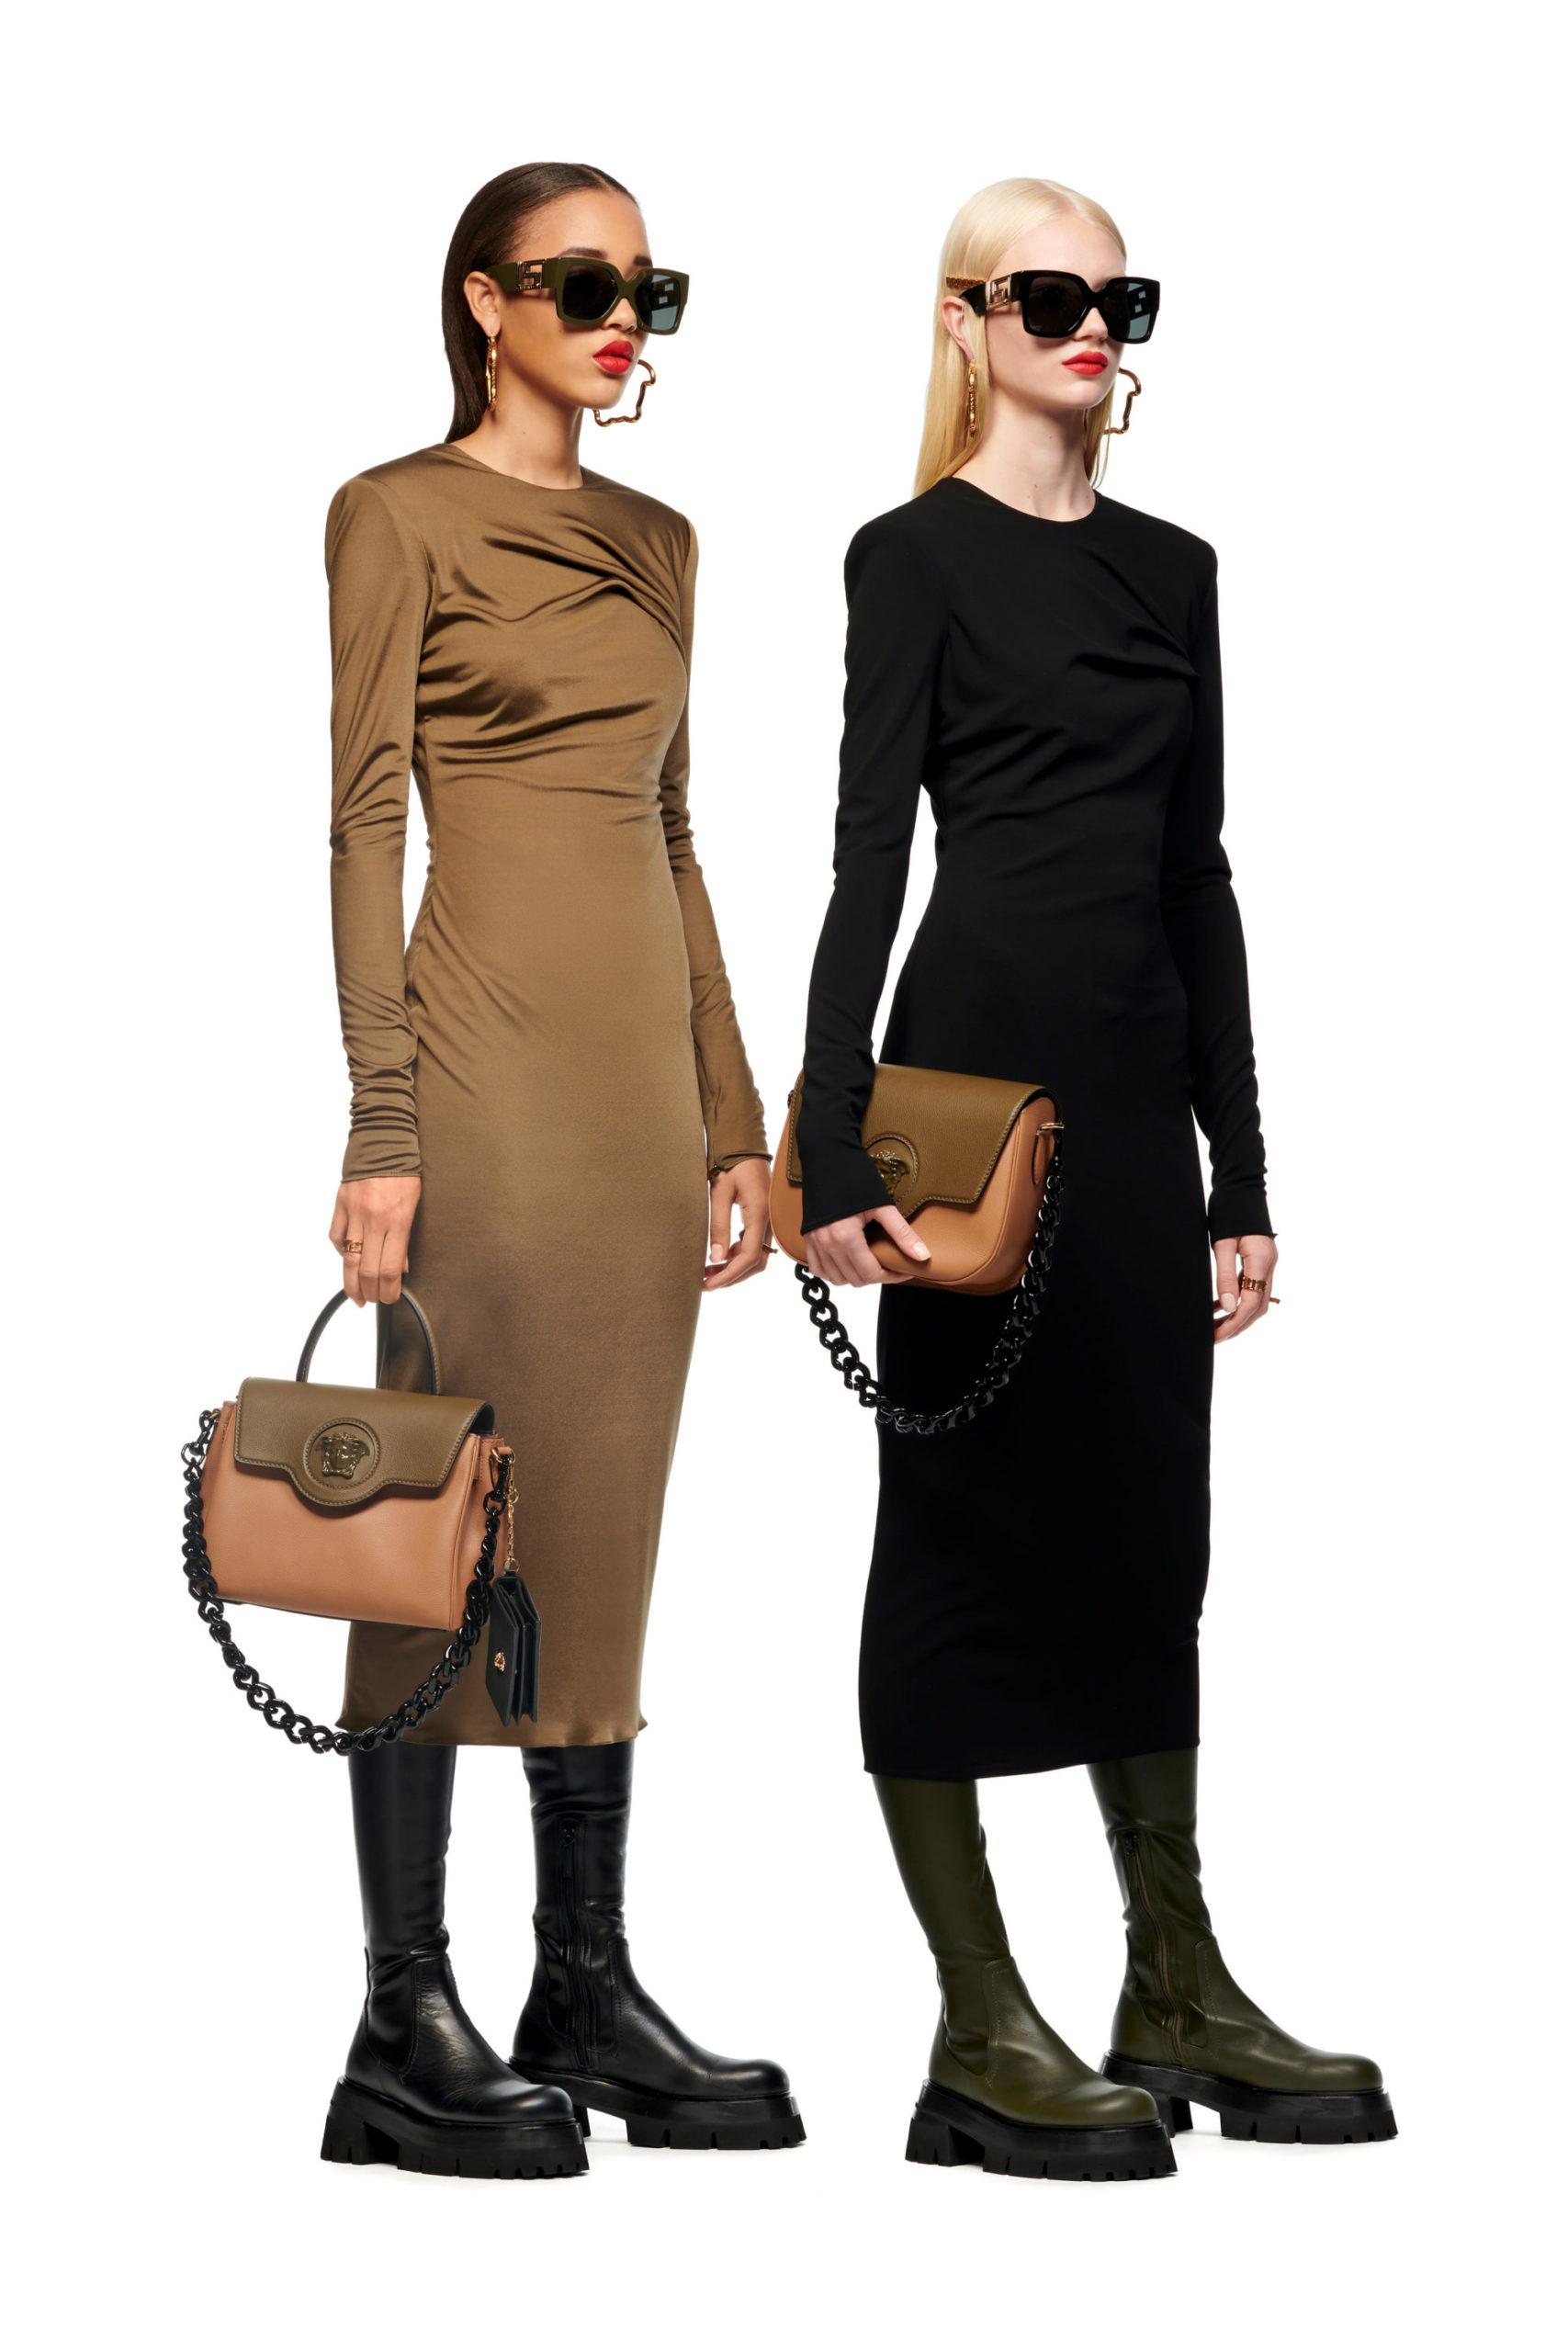 Узкое платье от Versace модели 2022 года